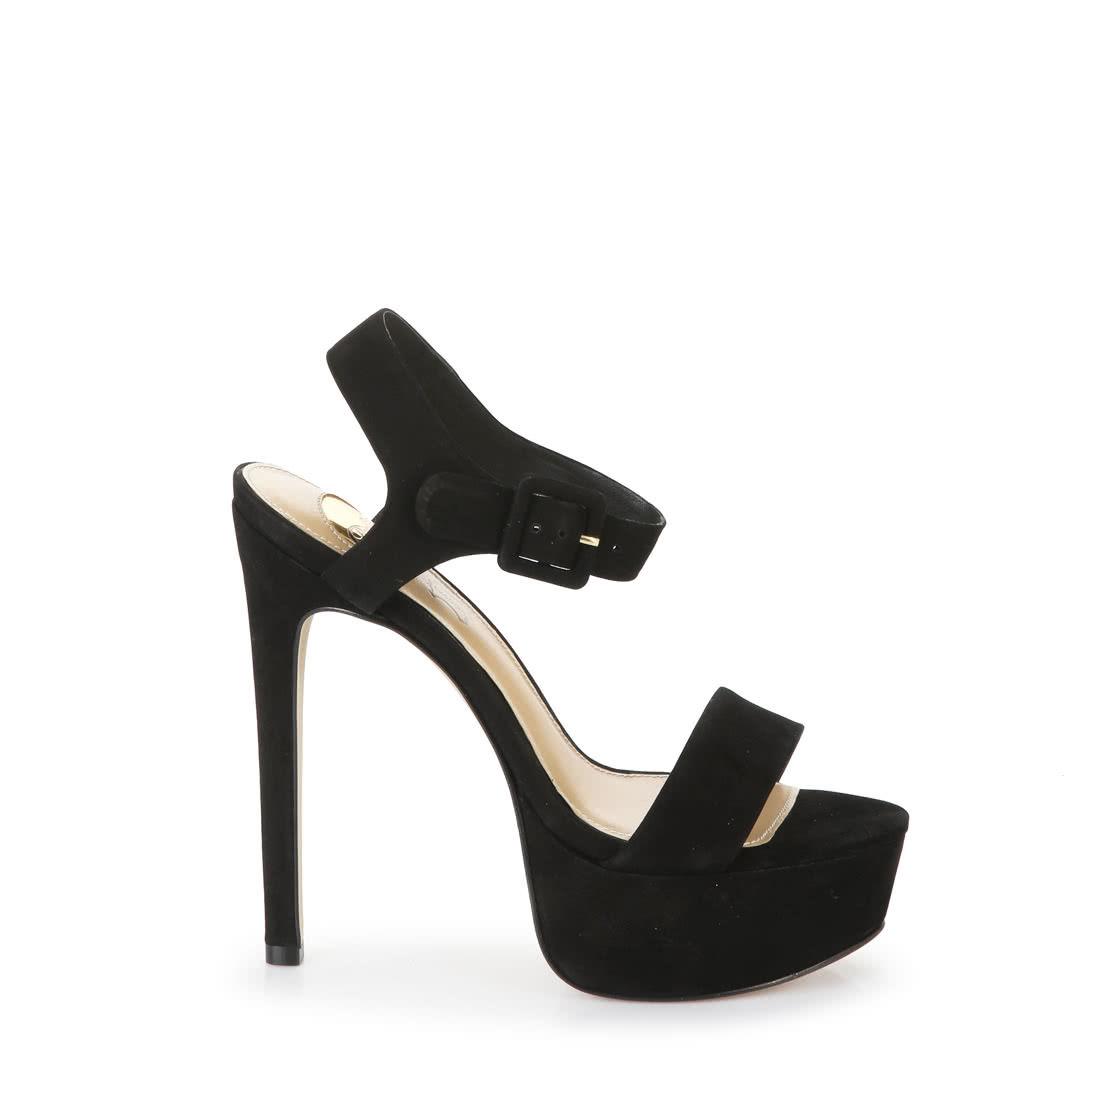 5c201455568 Buffalo platform sandals in black buy online in BUFFALO Online-Shop ...